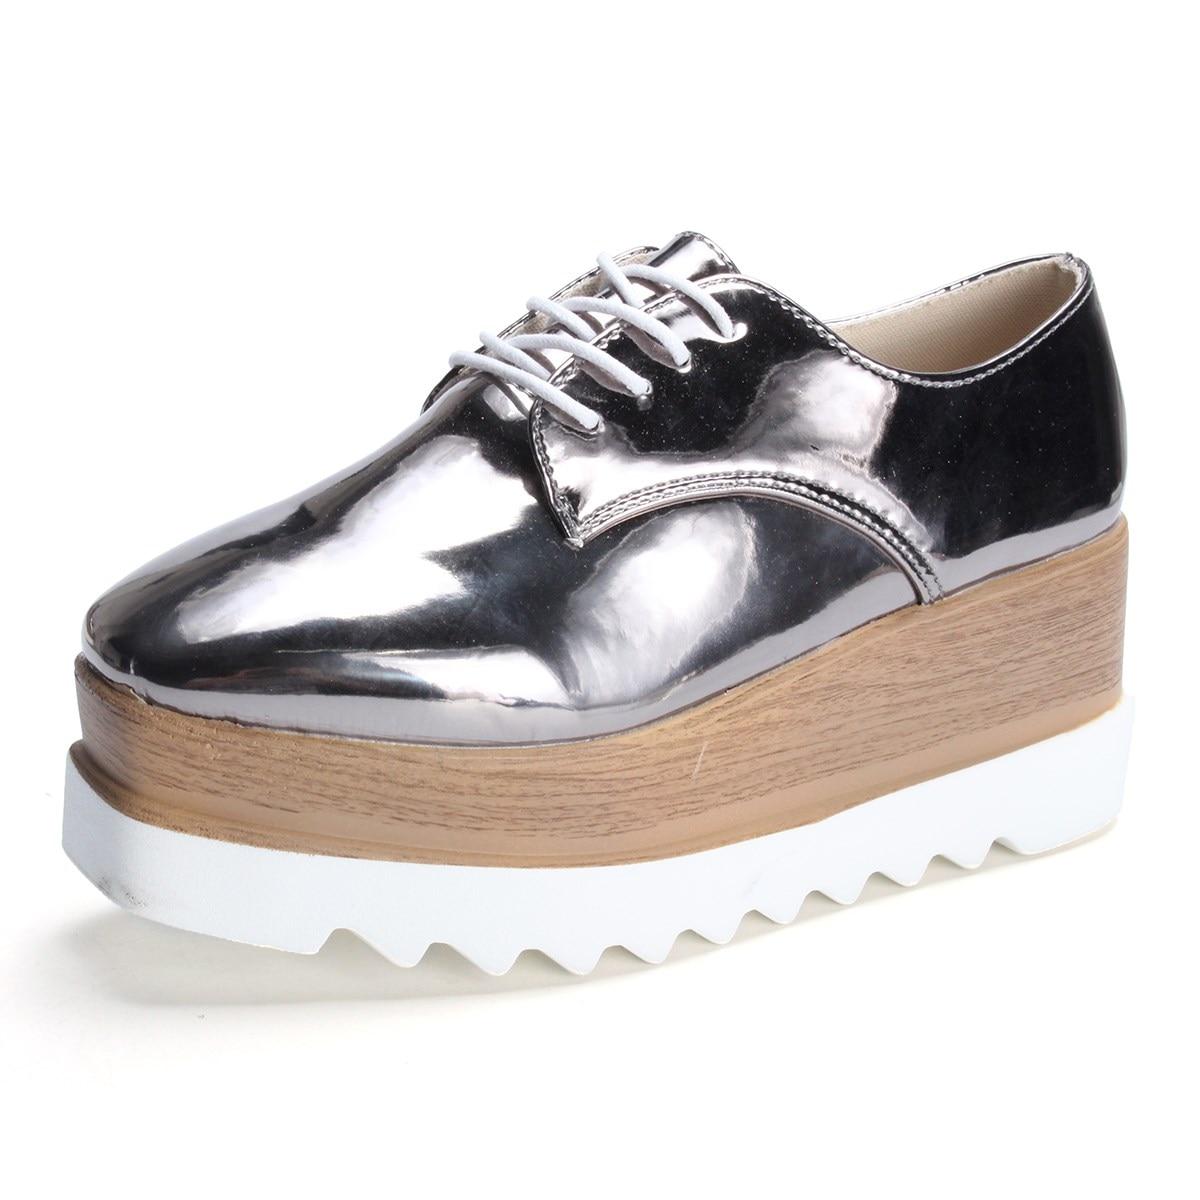 2017 Mujeres Oxfords Zapatos de Plataforma, mujeres Punta estrecha Charol Brogue